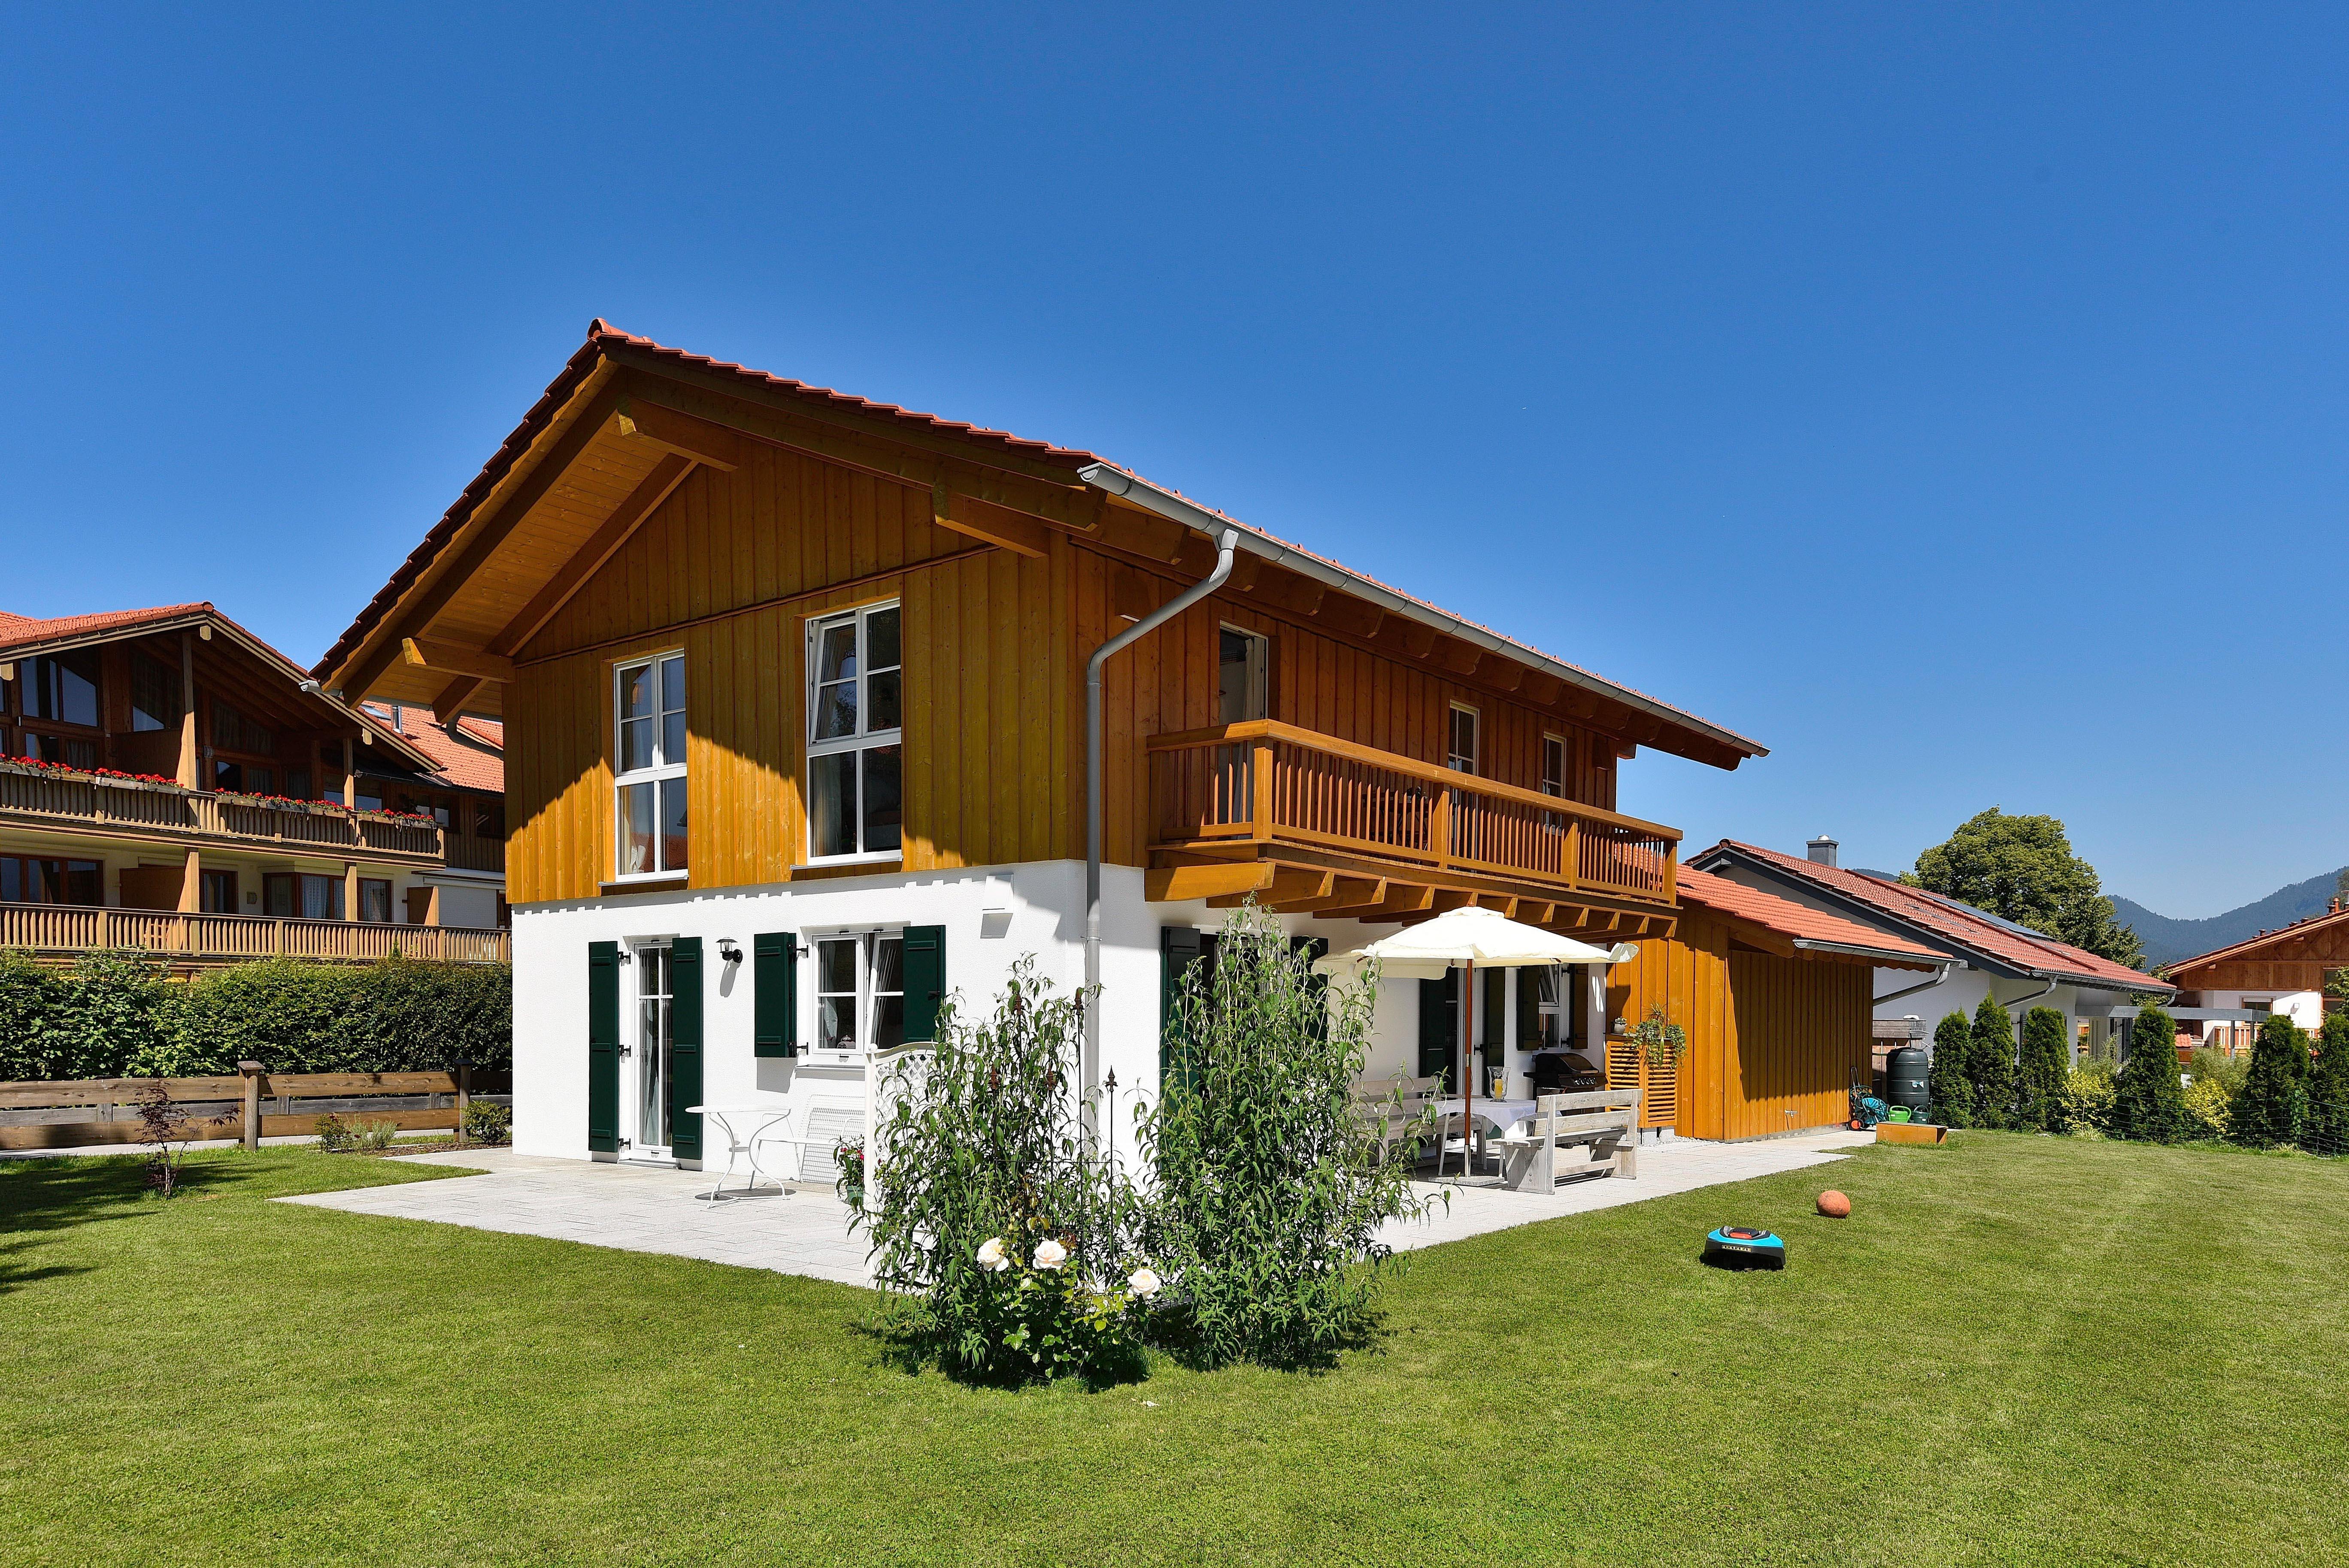 Einfamilienhaus am Tegernsee